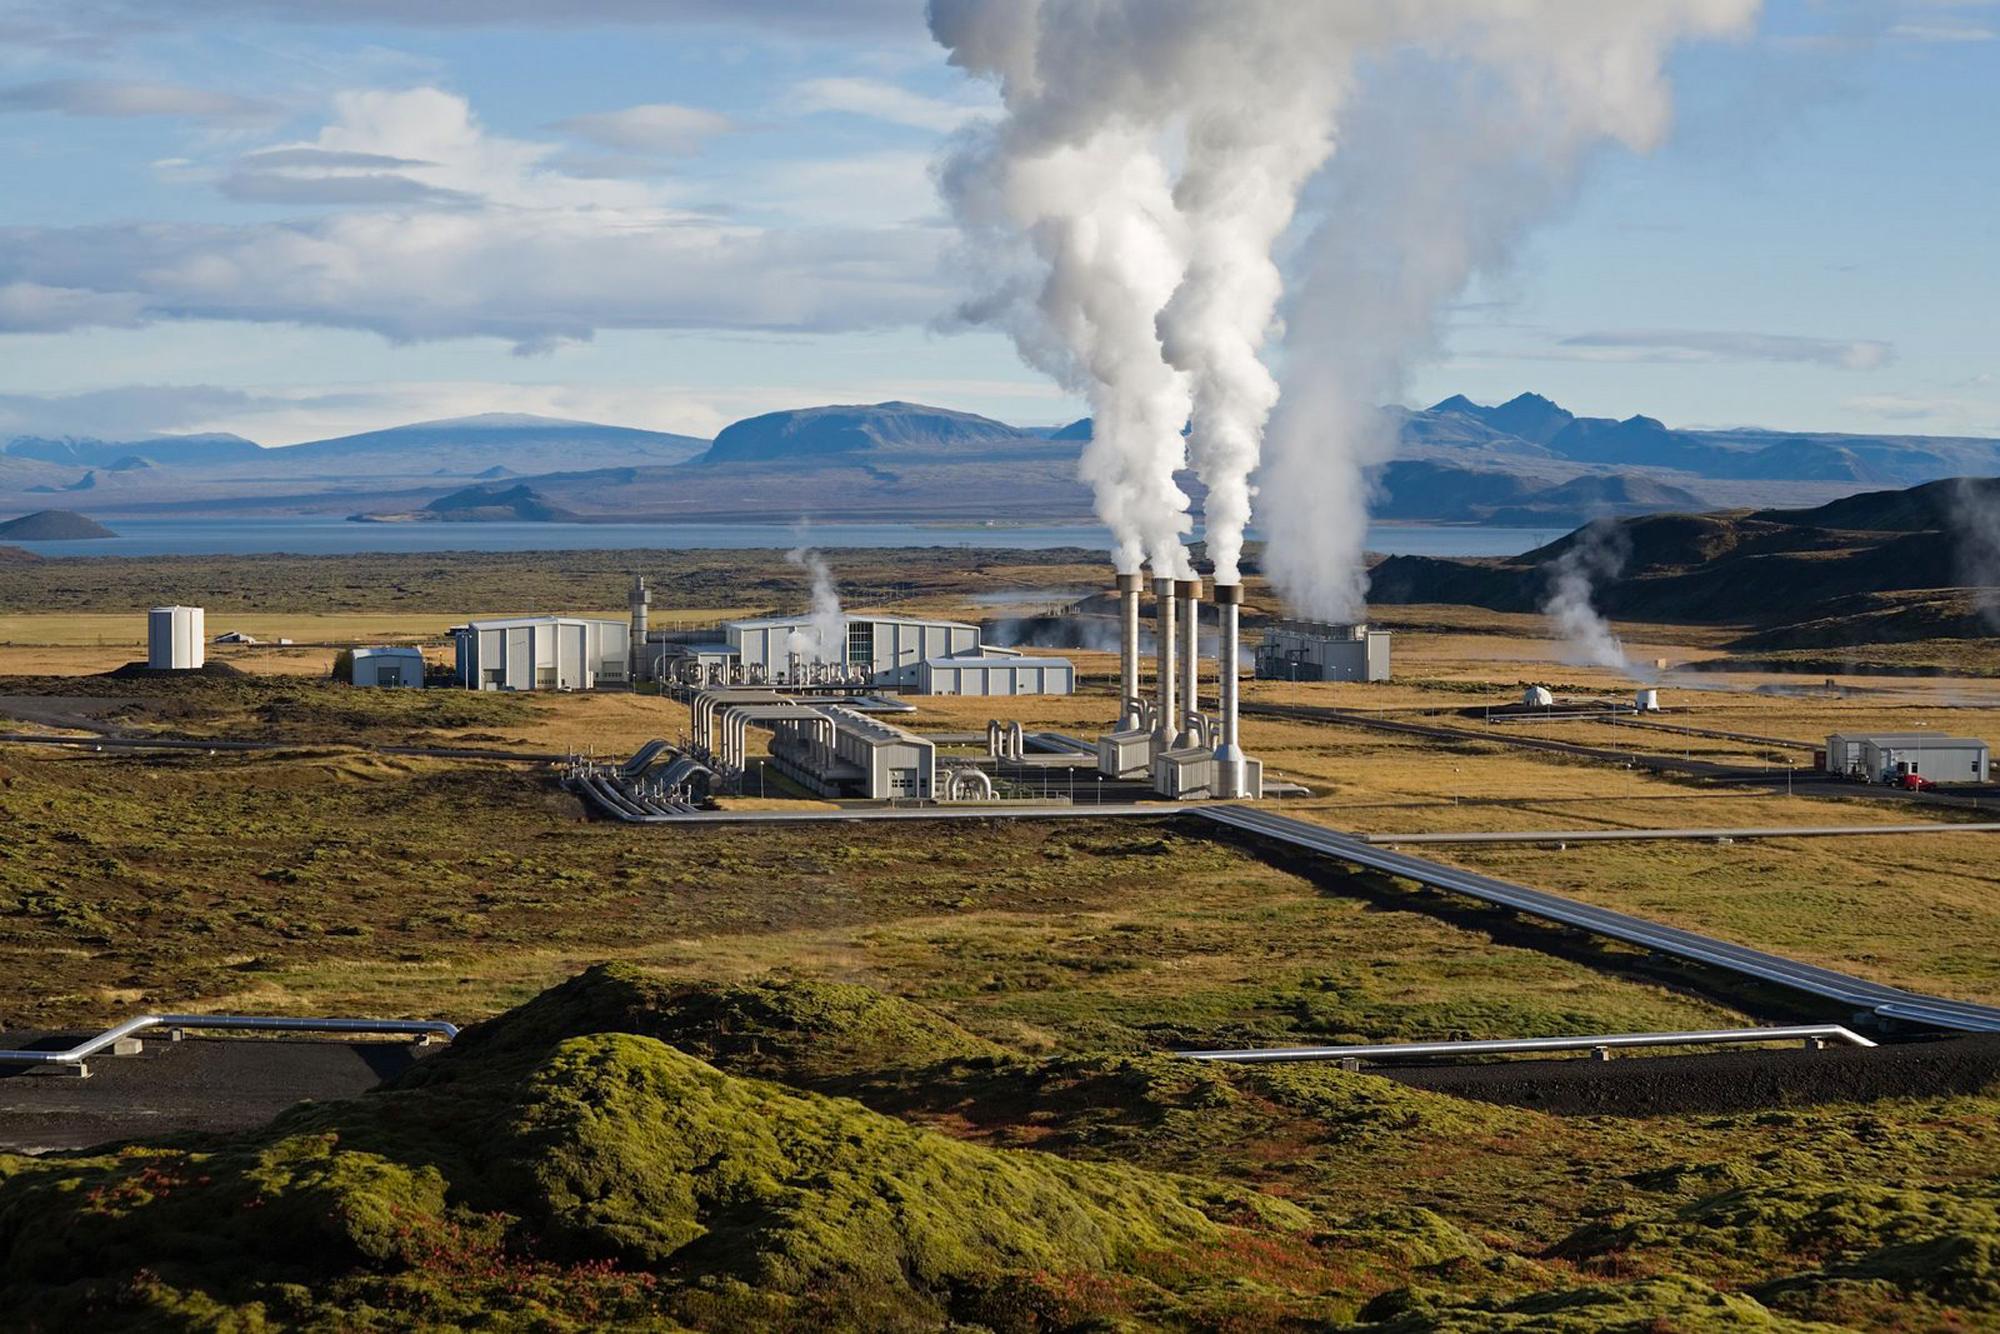 Jeotermal santraller tarım alanlarını çoraklaştırıyor